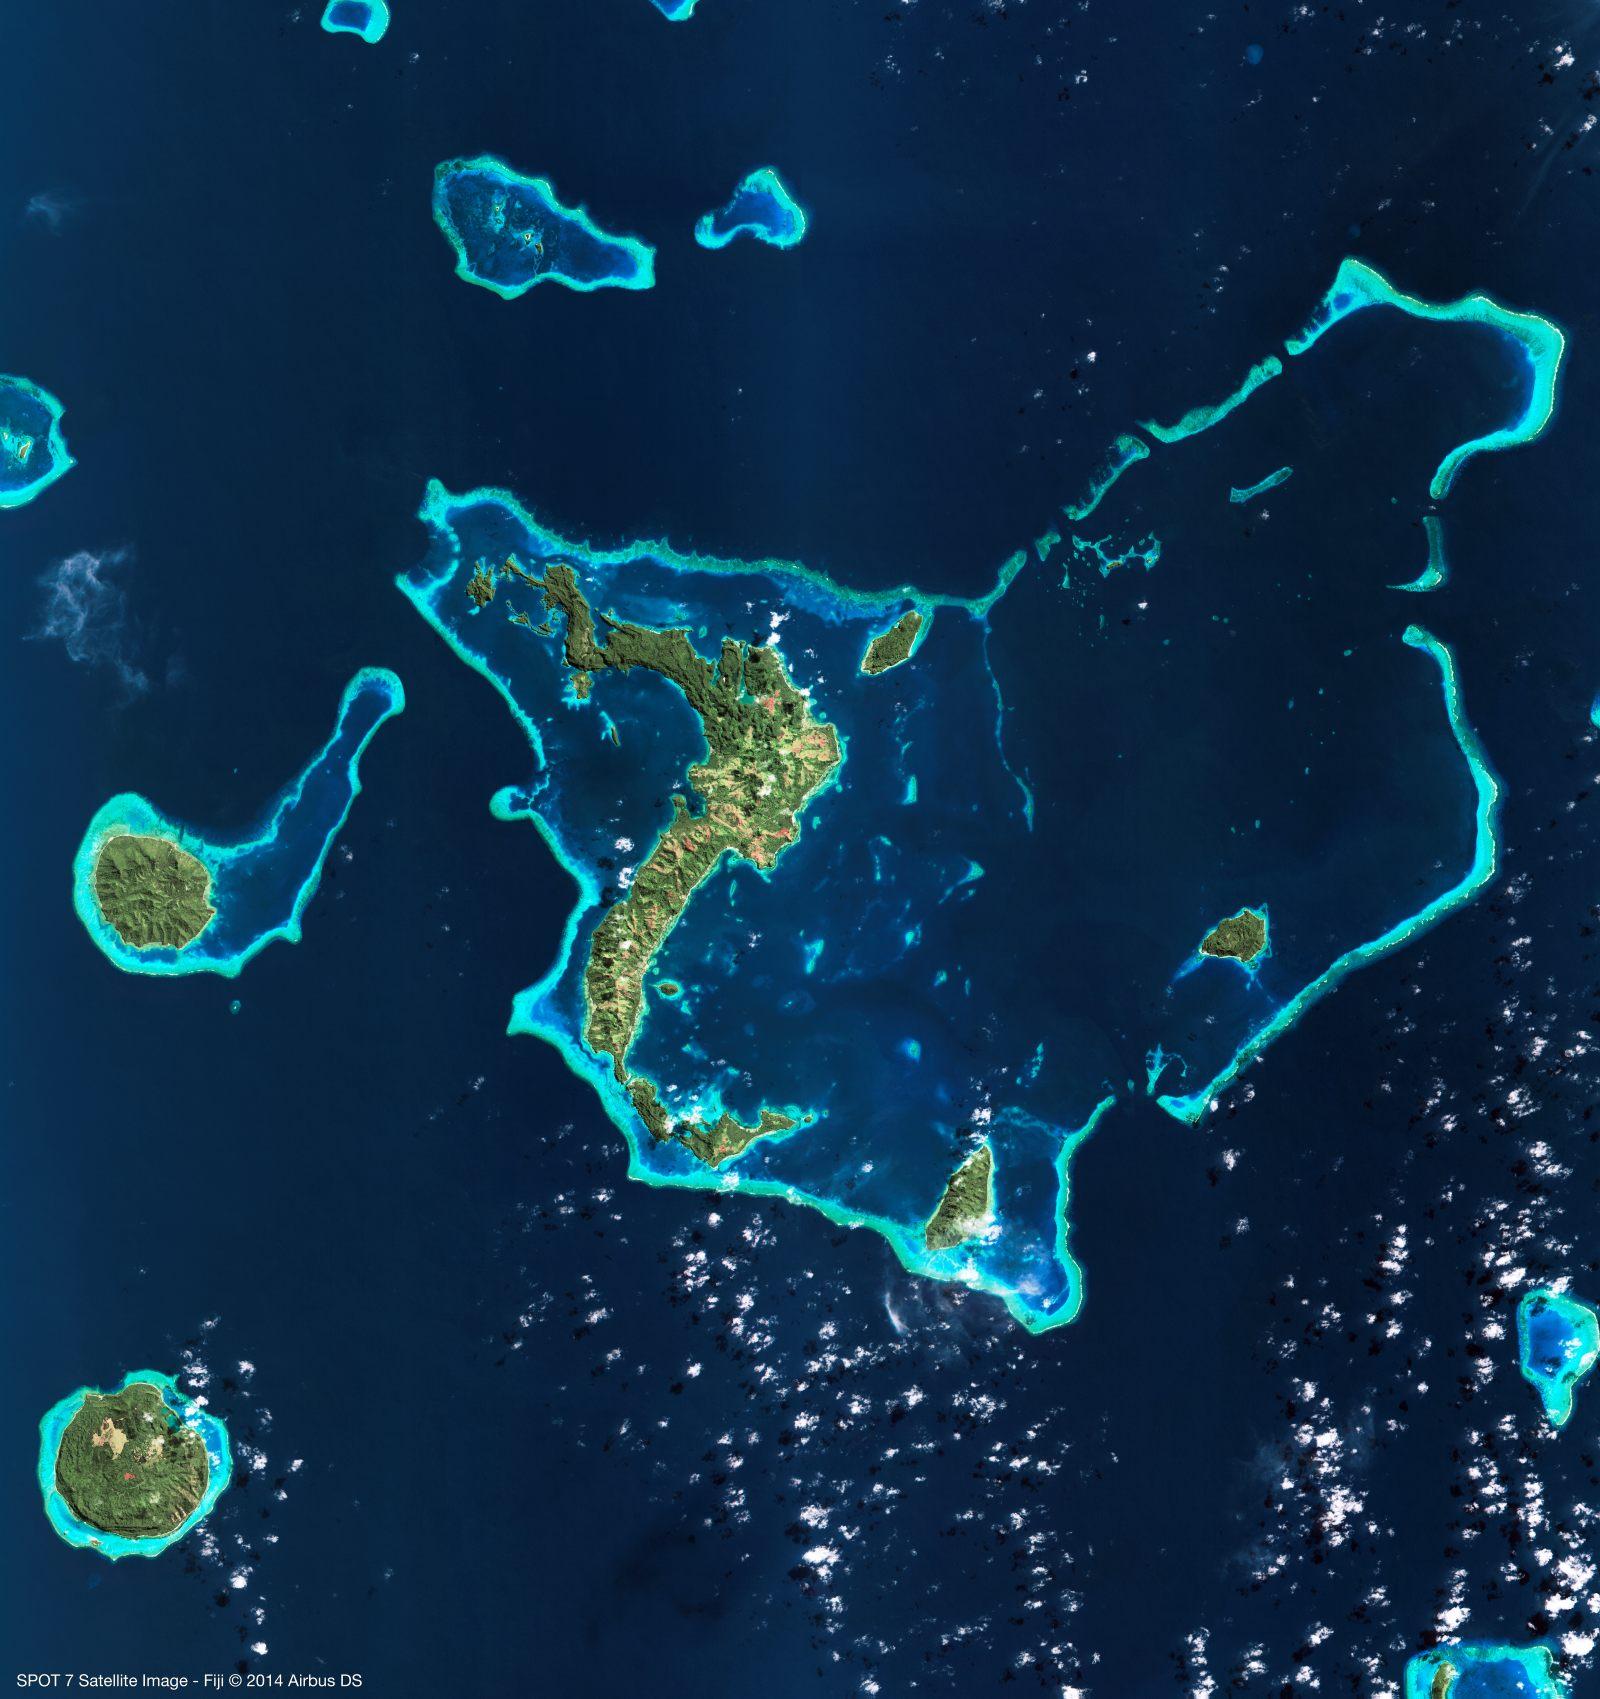 Saint-Valentin - SPOT 7 amoureux : une île en forme cœur au nord des Fidji. Image acquise par le satellite Spot 7 - Airbus Defence and Space